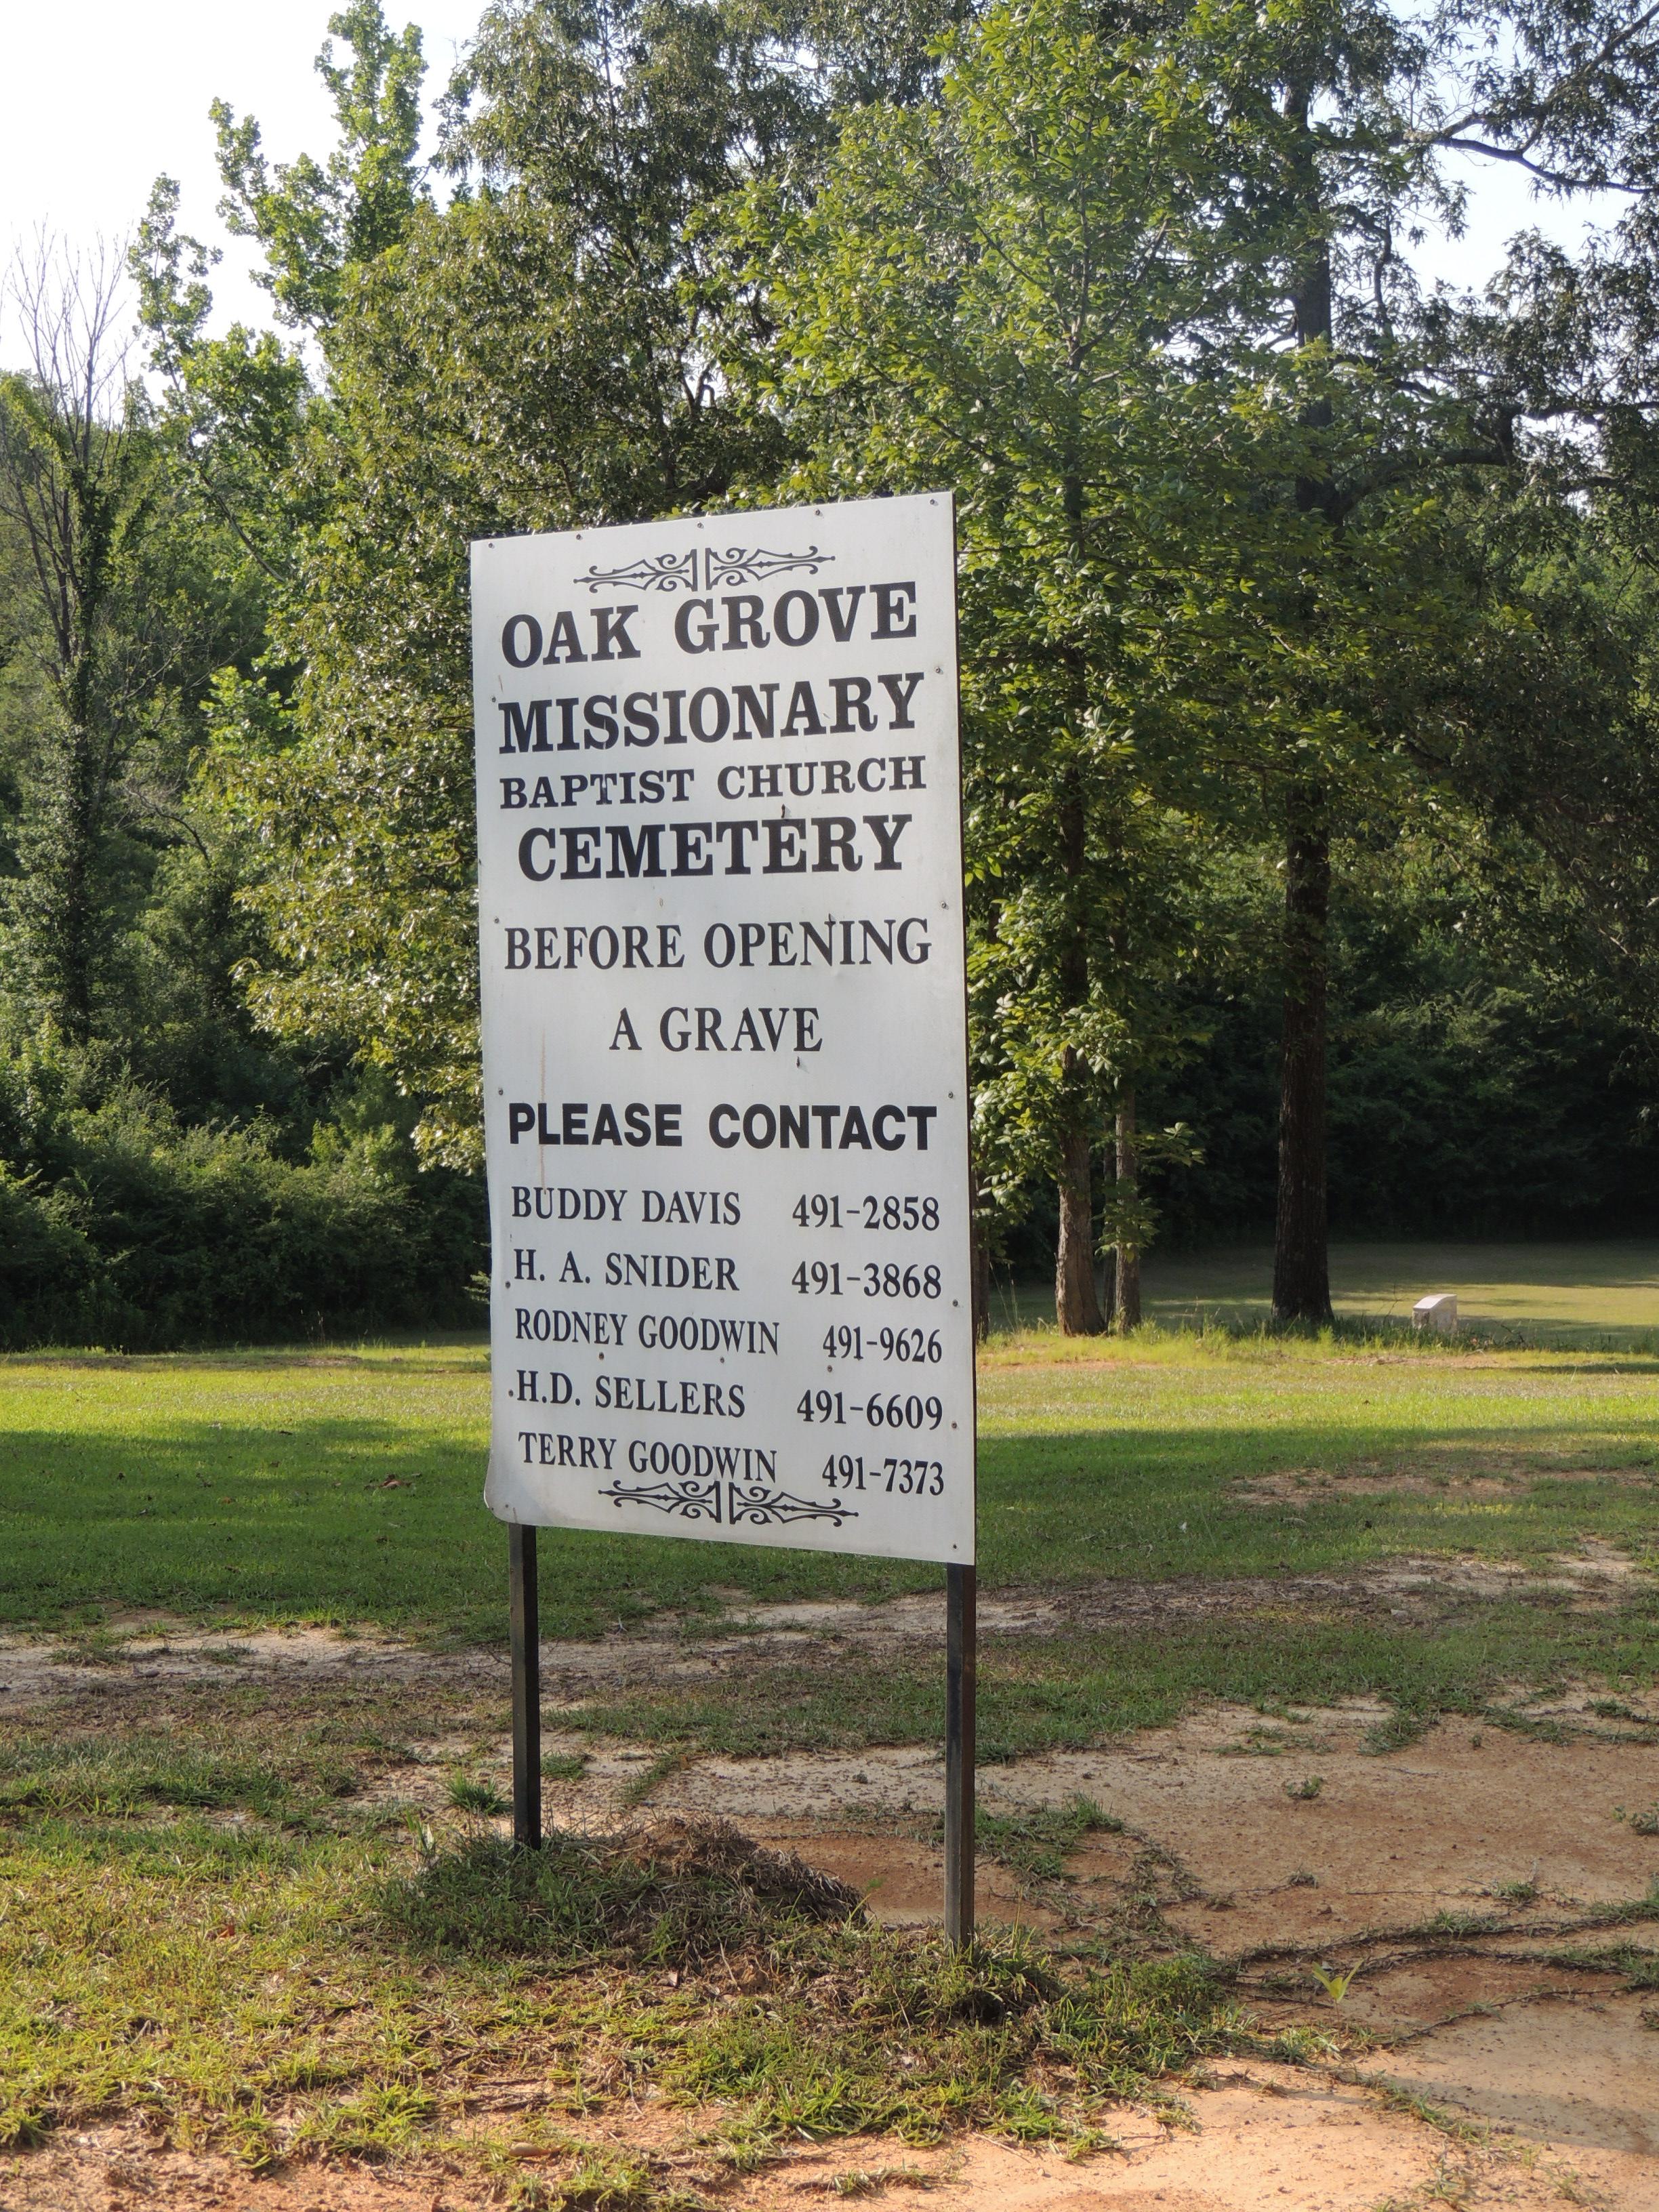 Oak Grove Missionary Baptist Church Cemetery